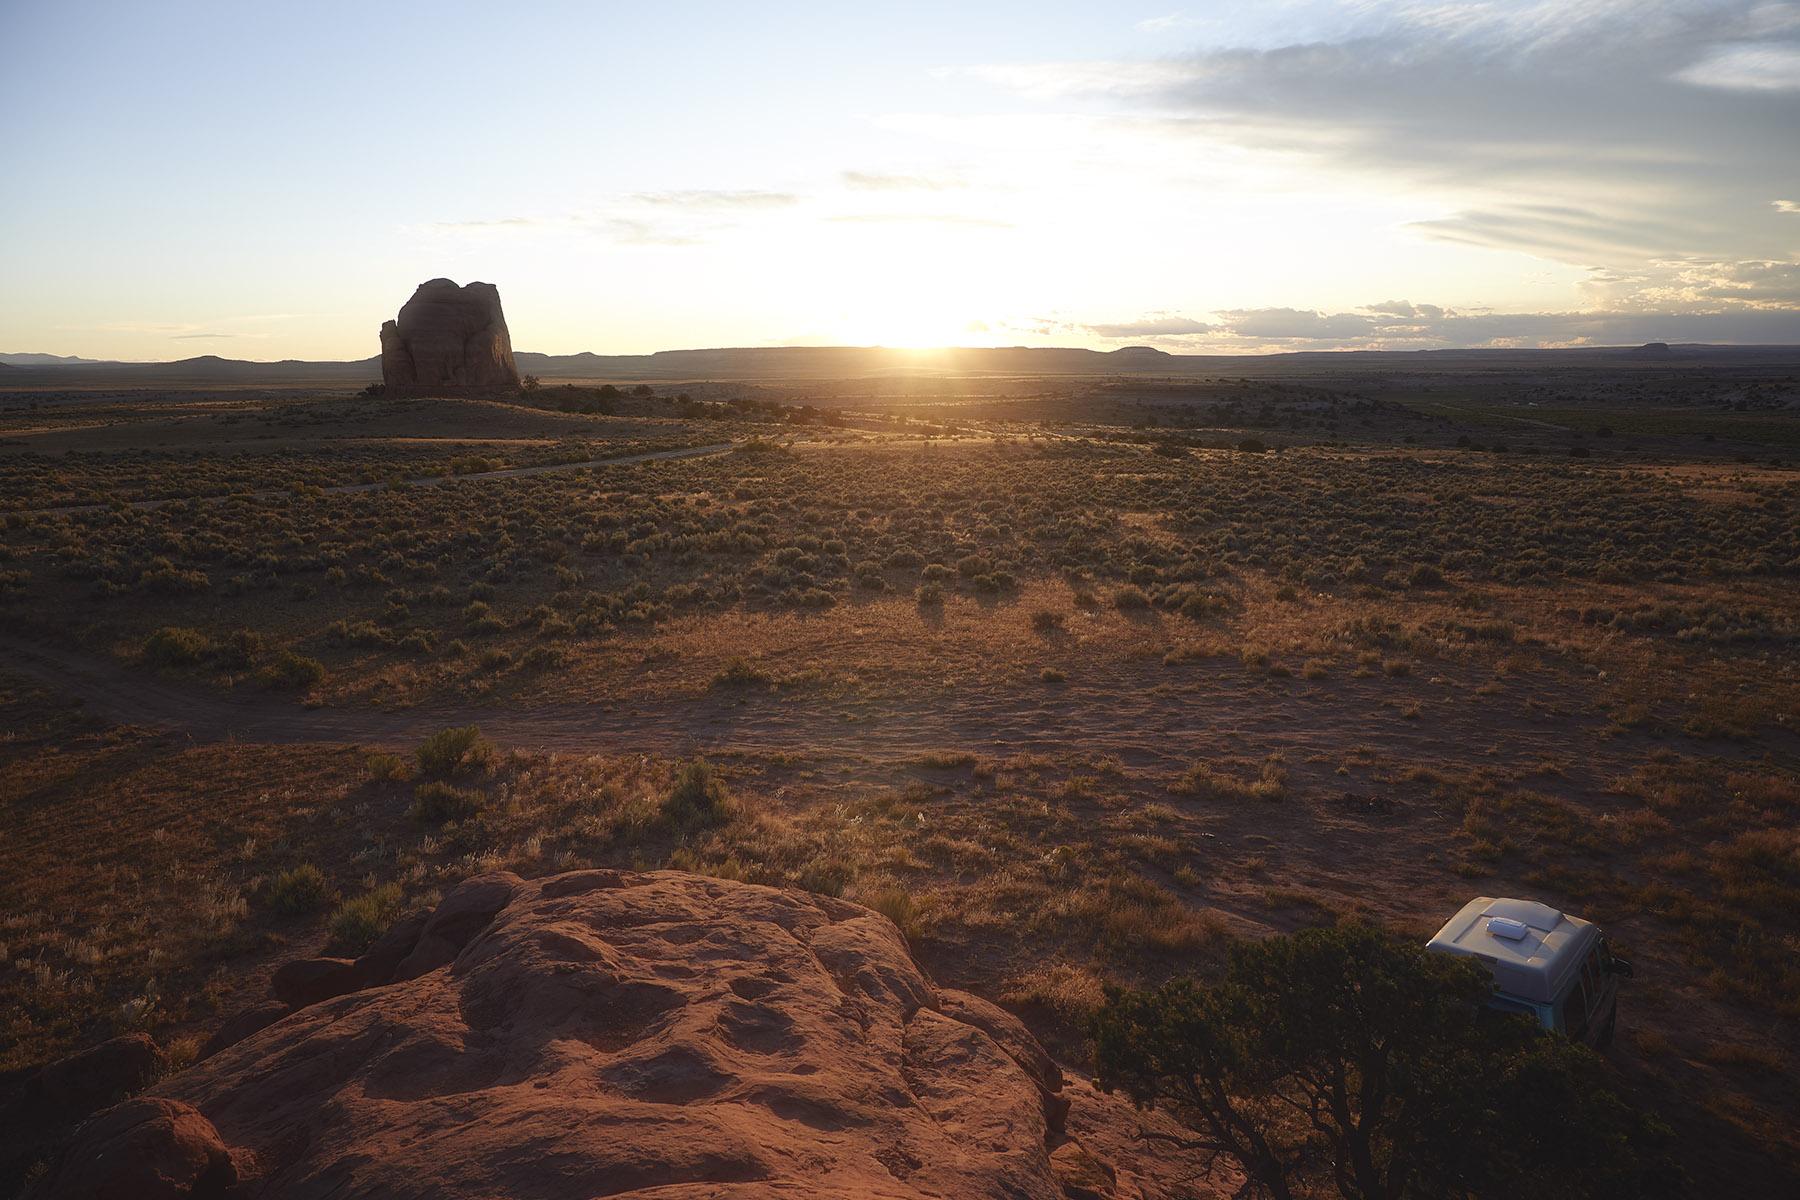 Utah Landscape Photography, Photos of Utah, Moab Utah, Vanlife, Van Camping, Vanlife in Utah, Van camping in Utah